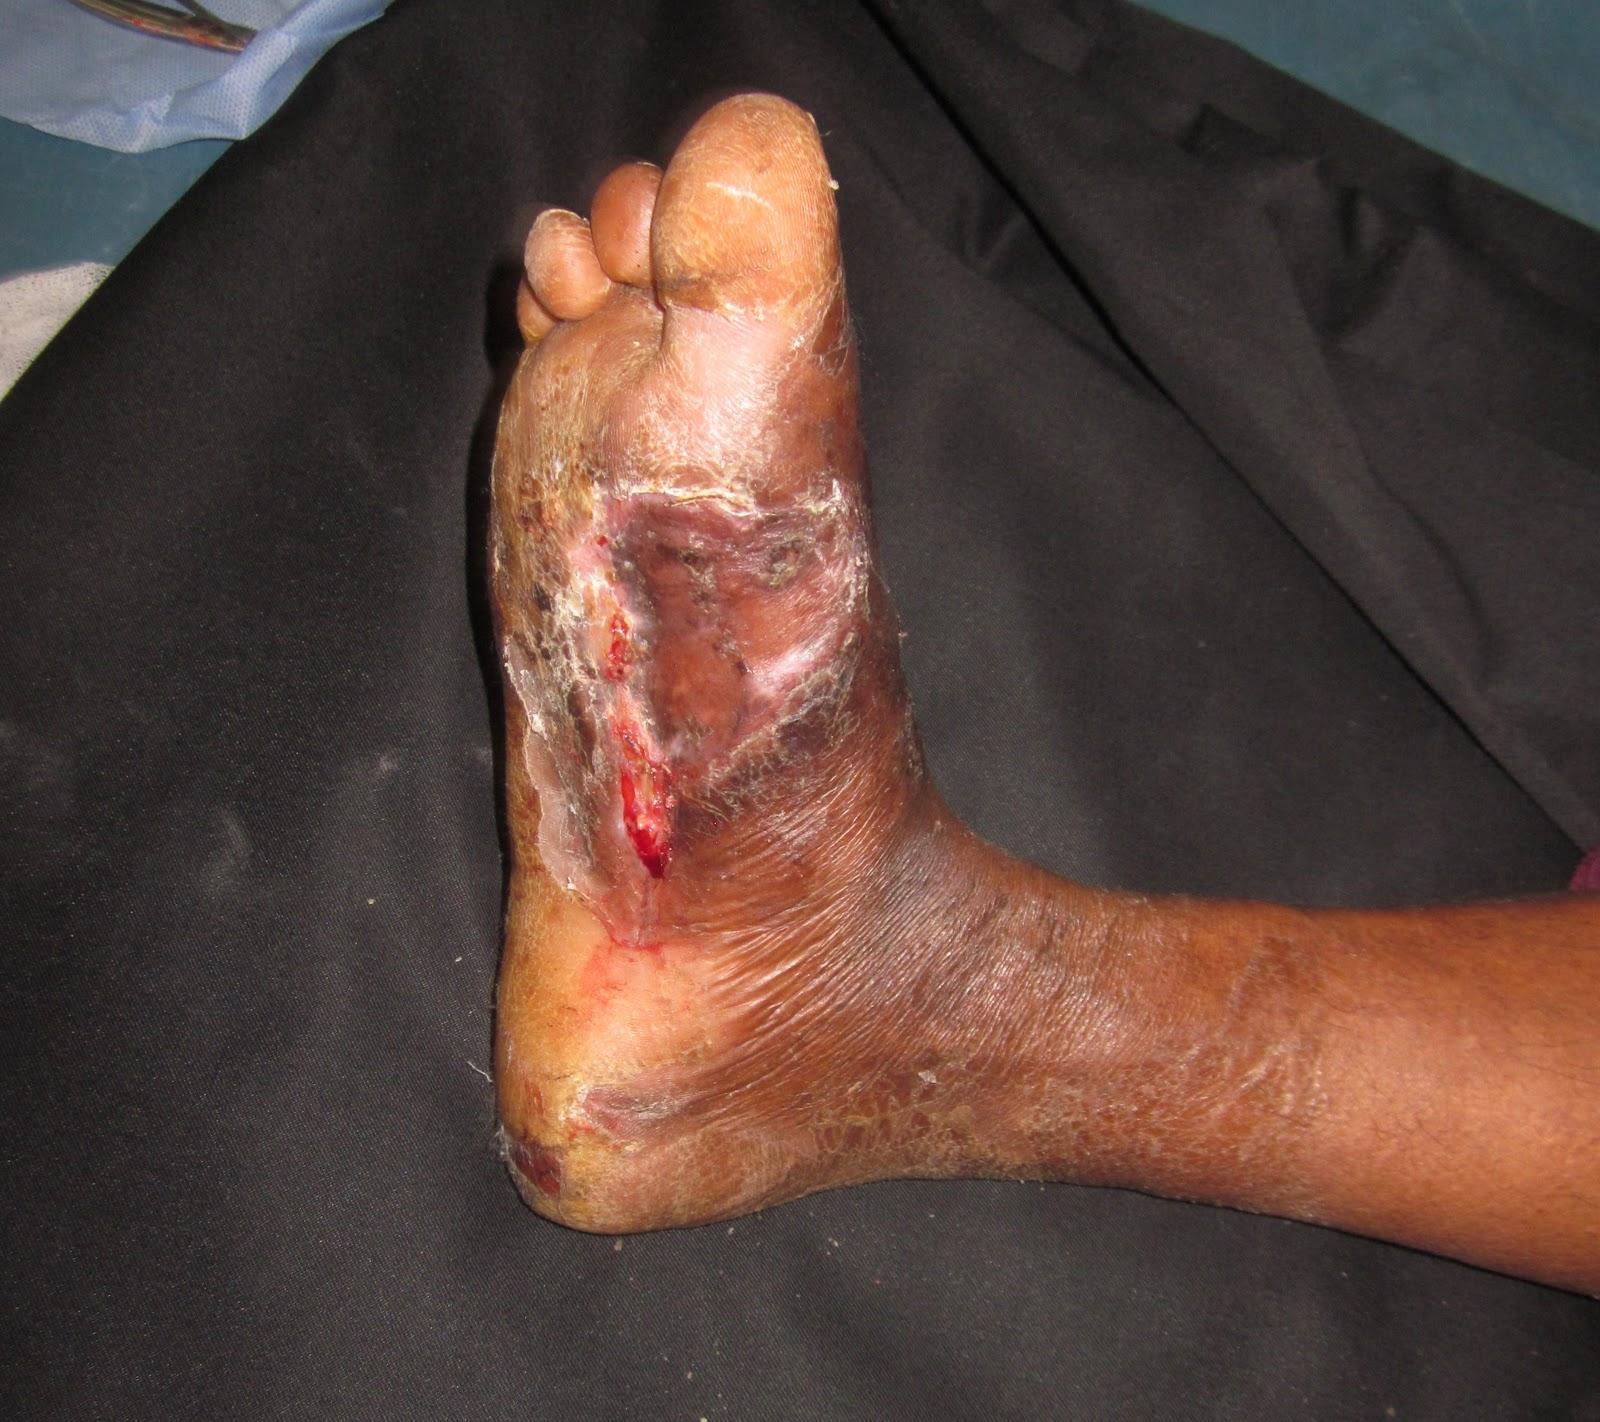 Gangrene Causes - Mayo Clinic